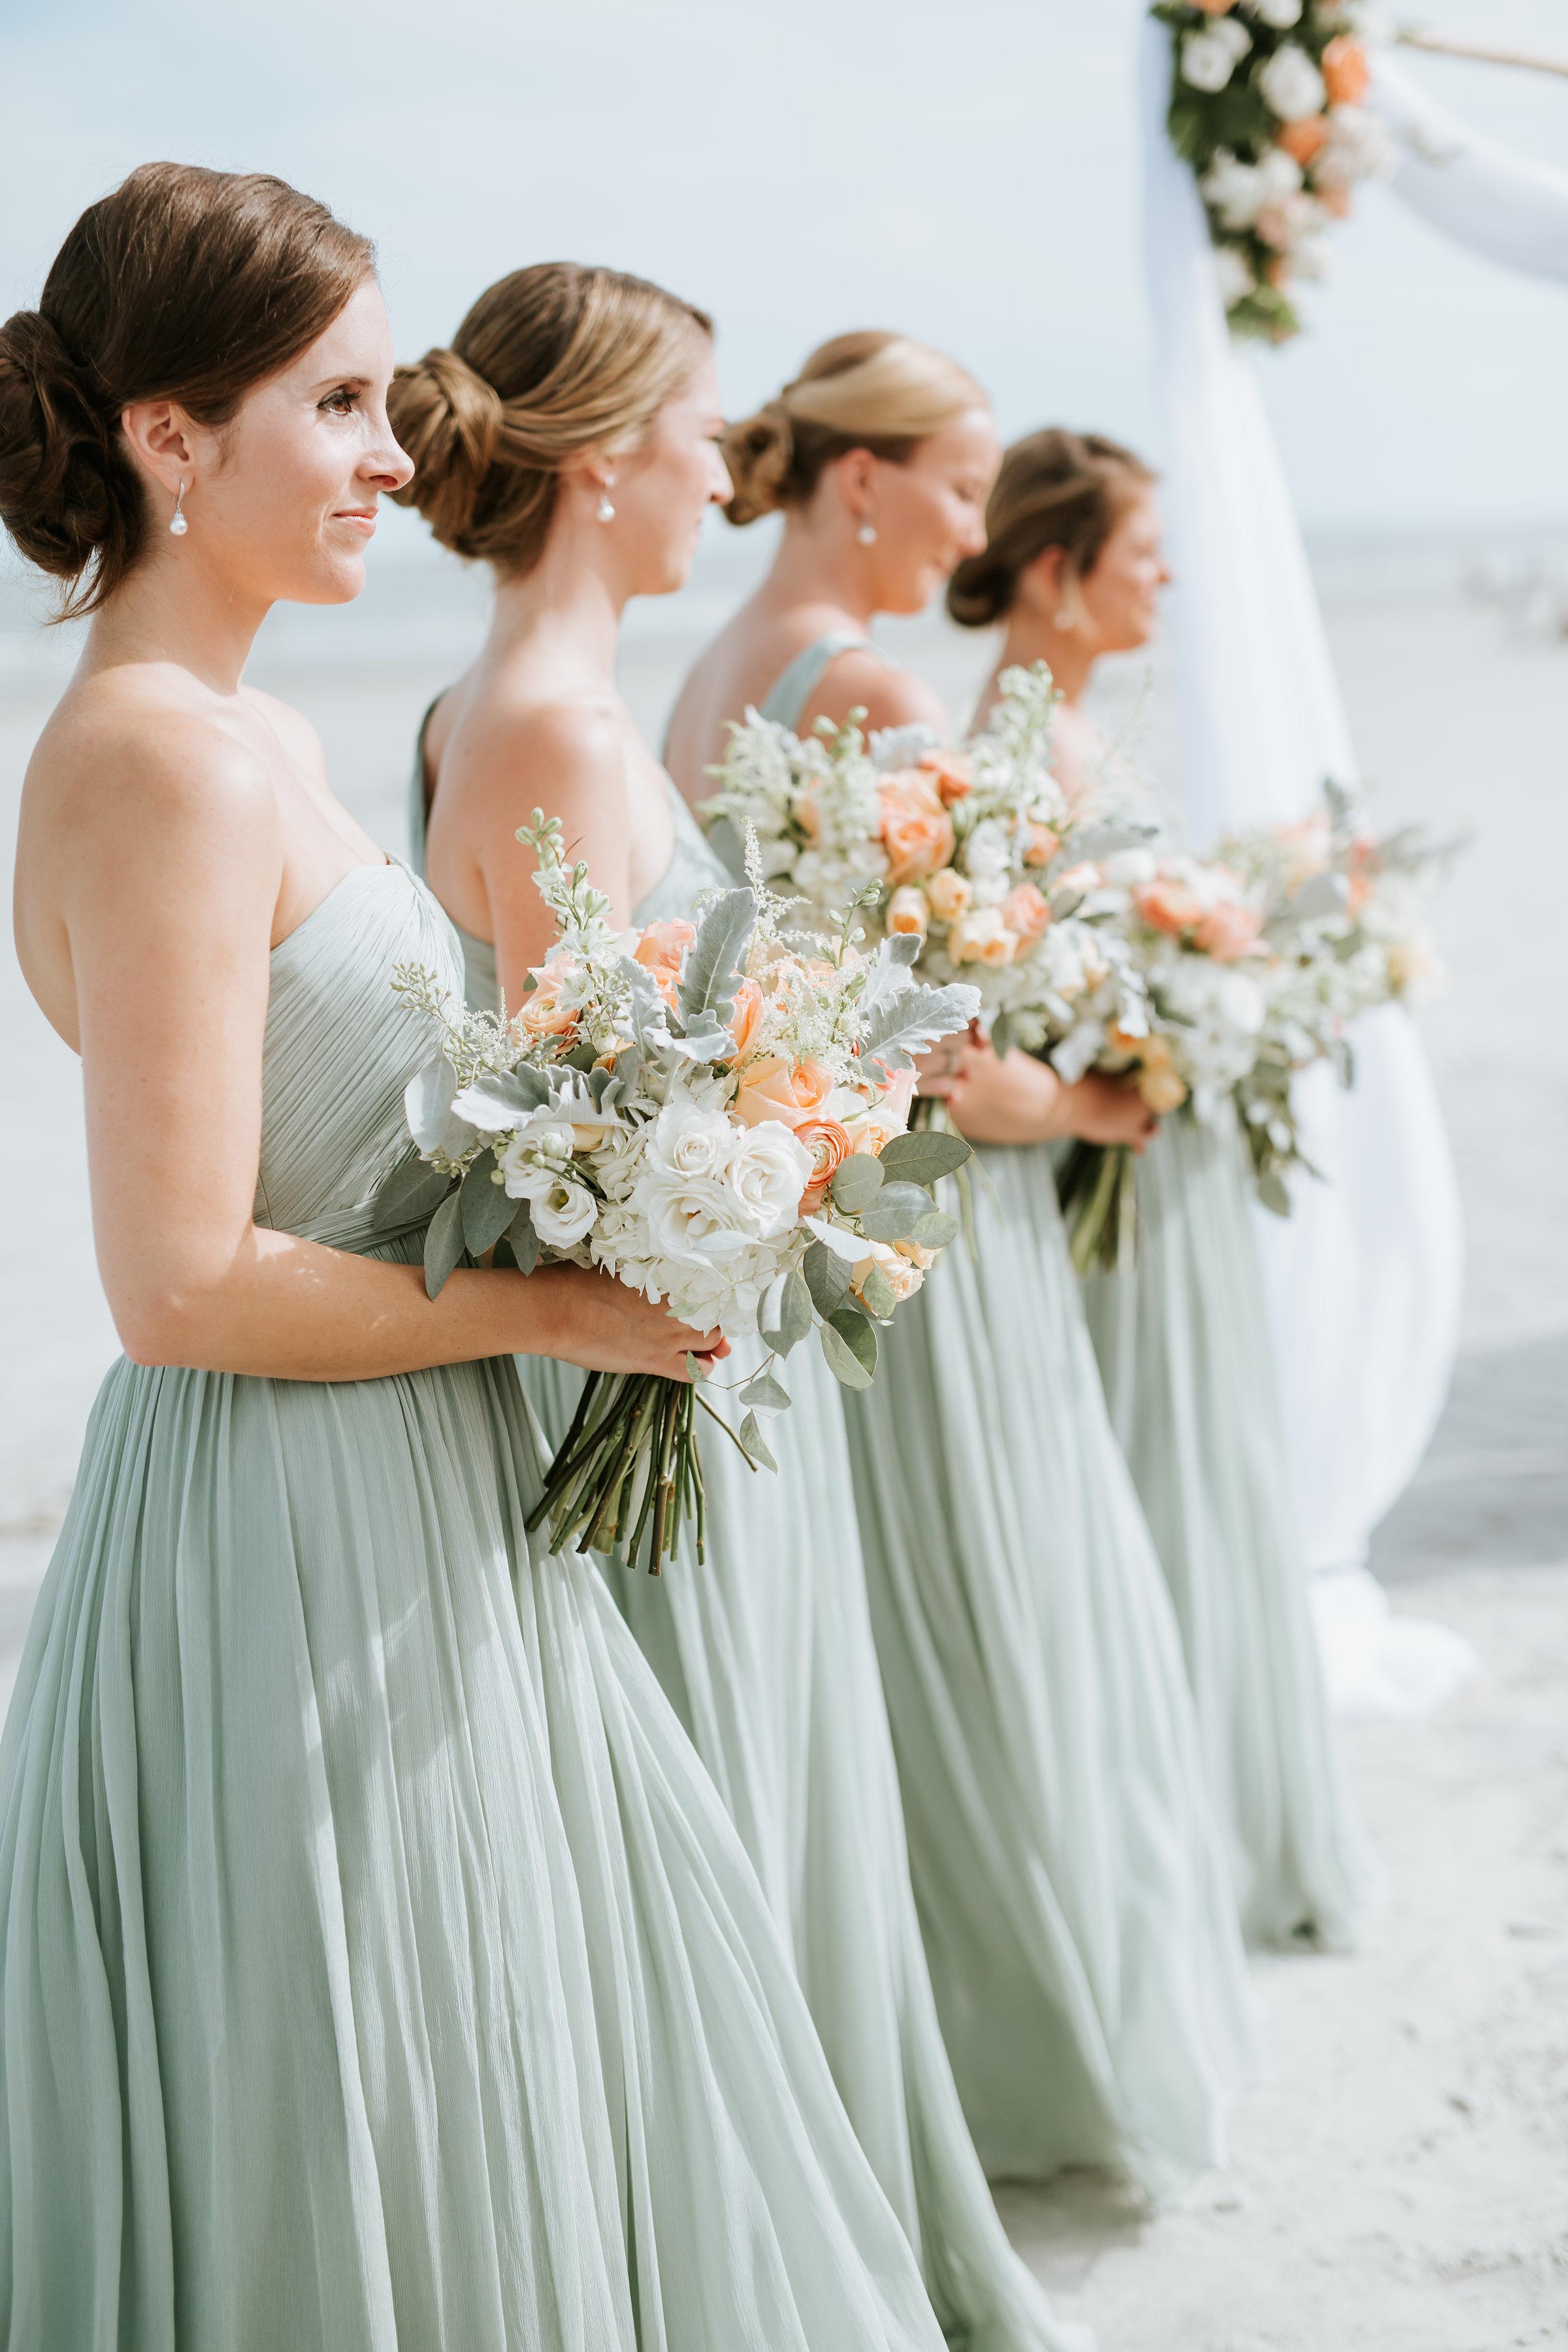 omni-hilton-head-wedding-40.jpg